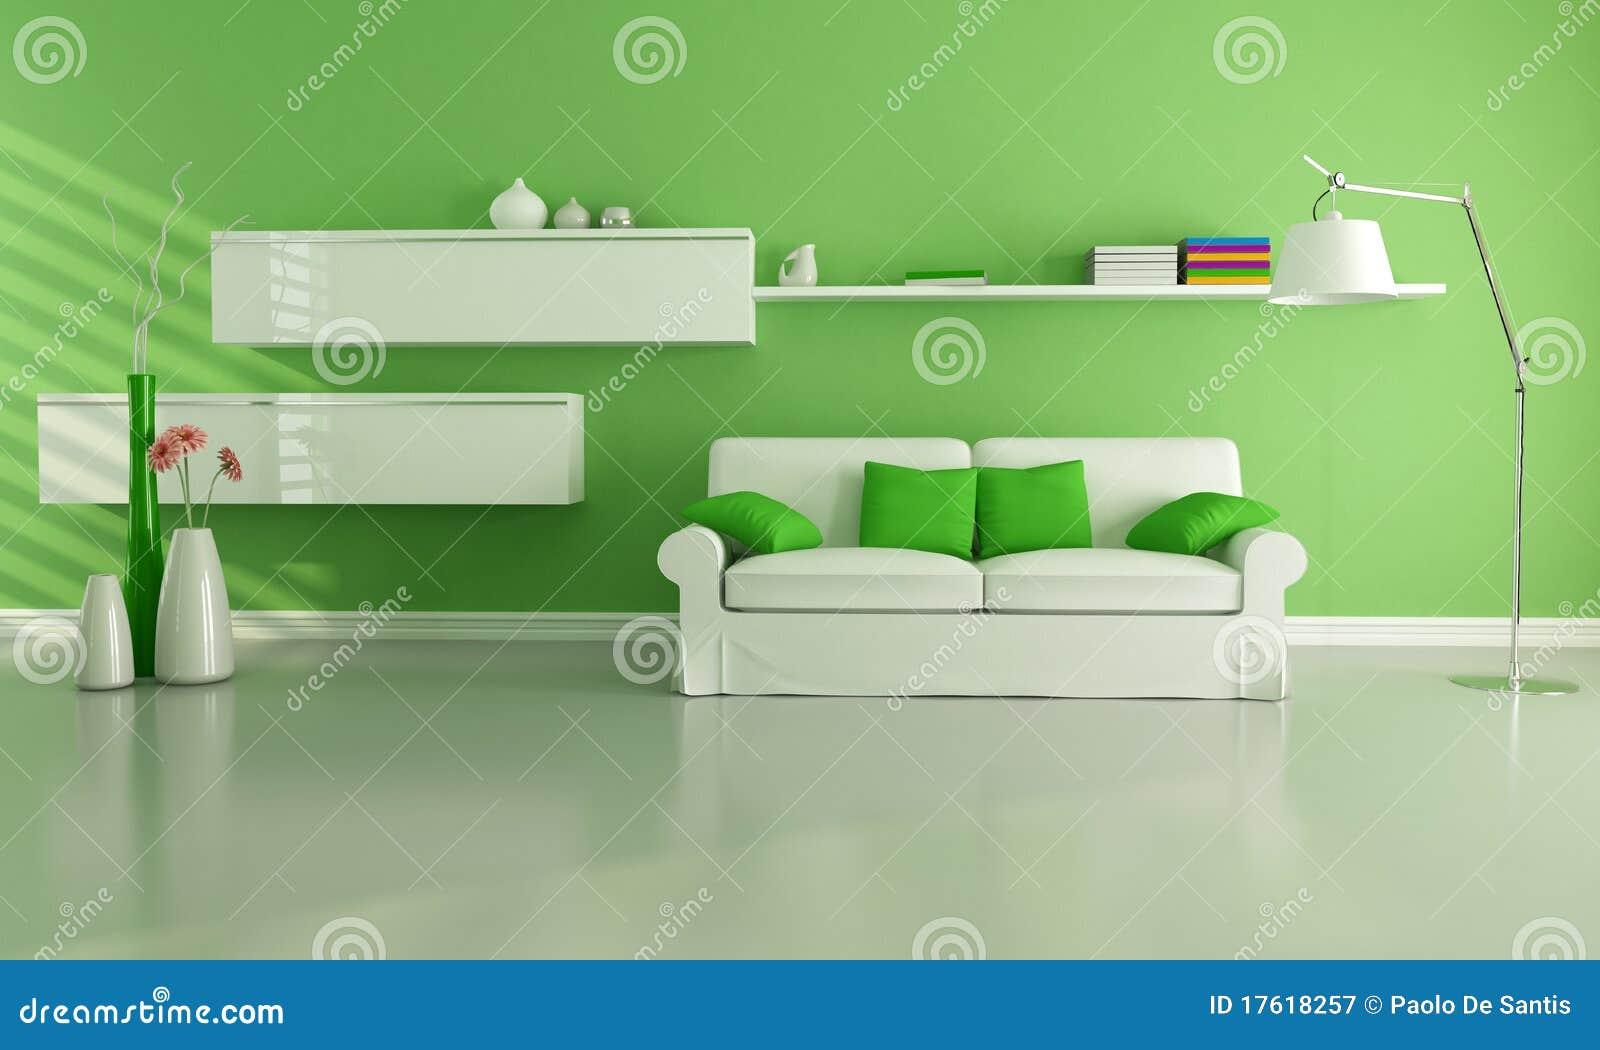 grünes wohnzimmer lizenzfreie stockfotografie - bild: 17618257, Wohnzimmer